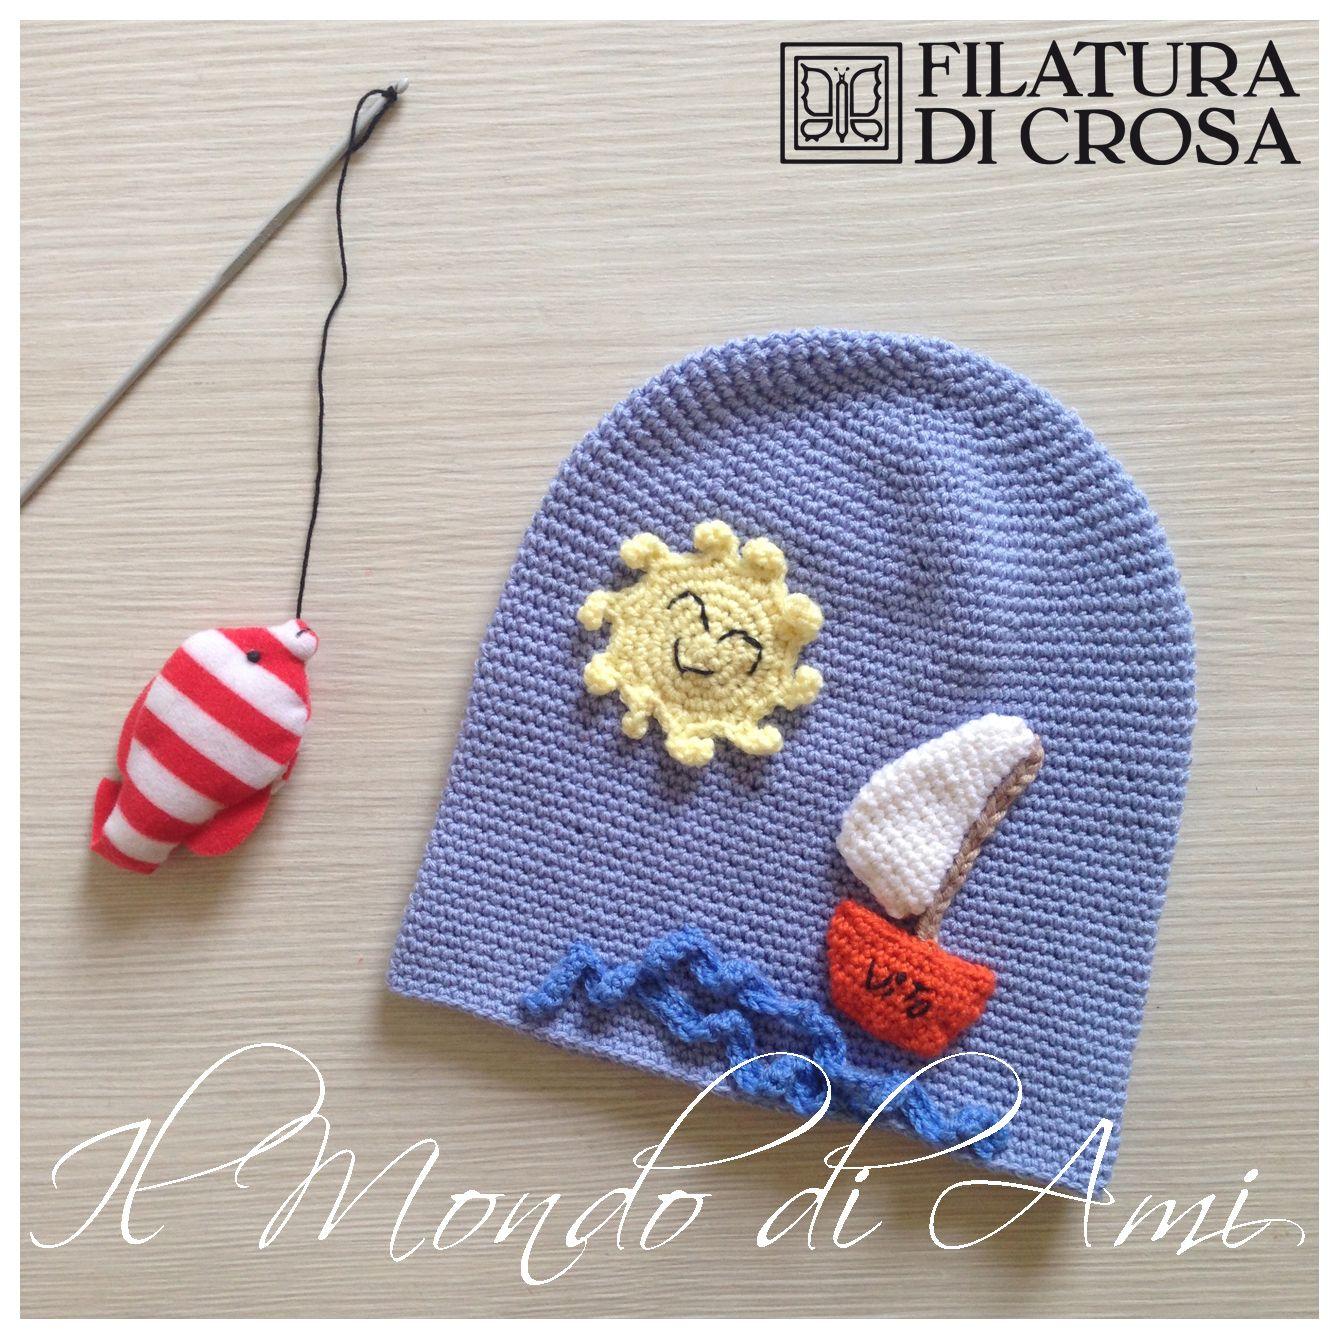 """Berretto barchetta """"Vito"""" #handmade #crochet realizzato con filato """"Principessa"""" Filatura di Crosa Italia"""